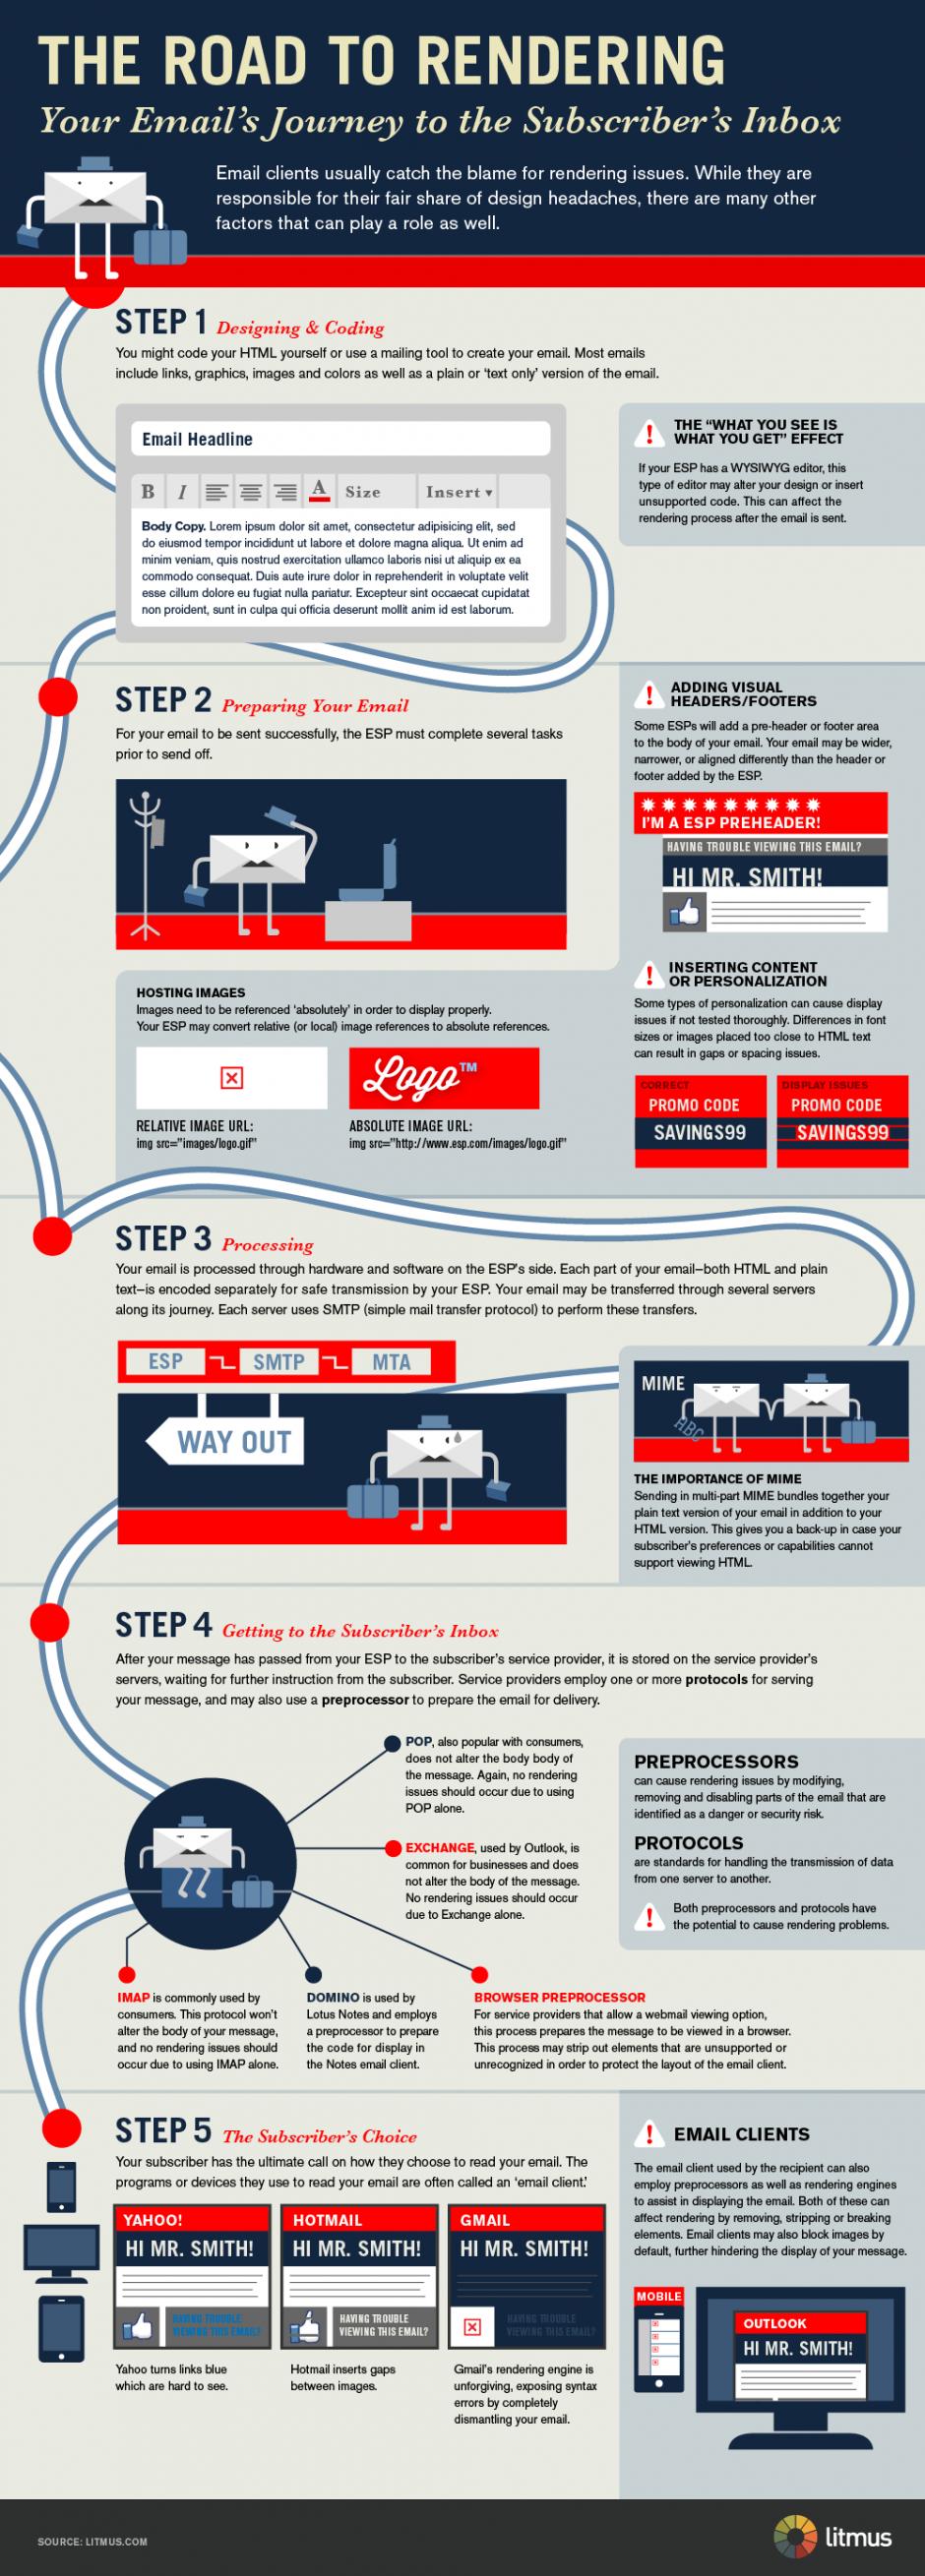 le chemin de l email en 5 étapes